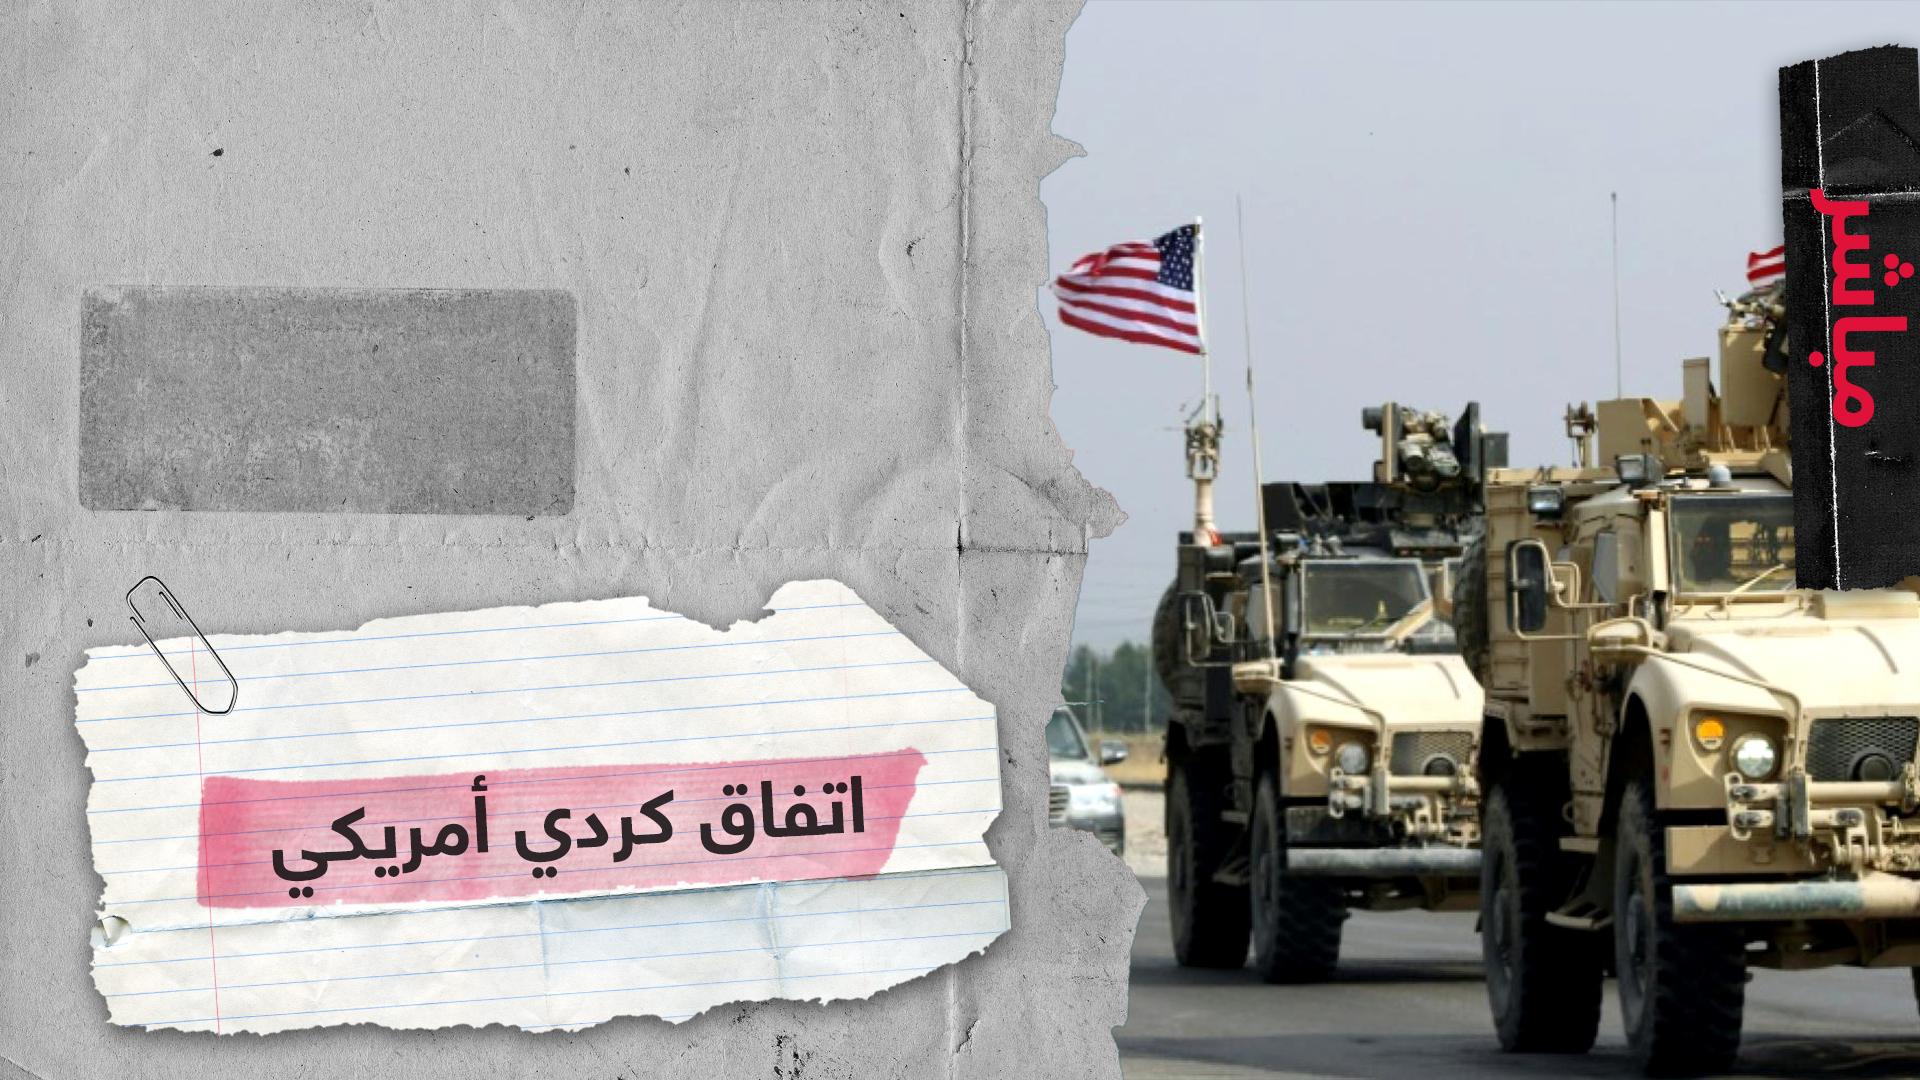 """سوريا تدين اتفاق """"قسد"""" النفطي مع شركة أمريكية وأنقرة تقول إنه يتجاهل القانون الدولي"""